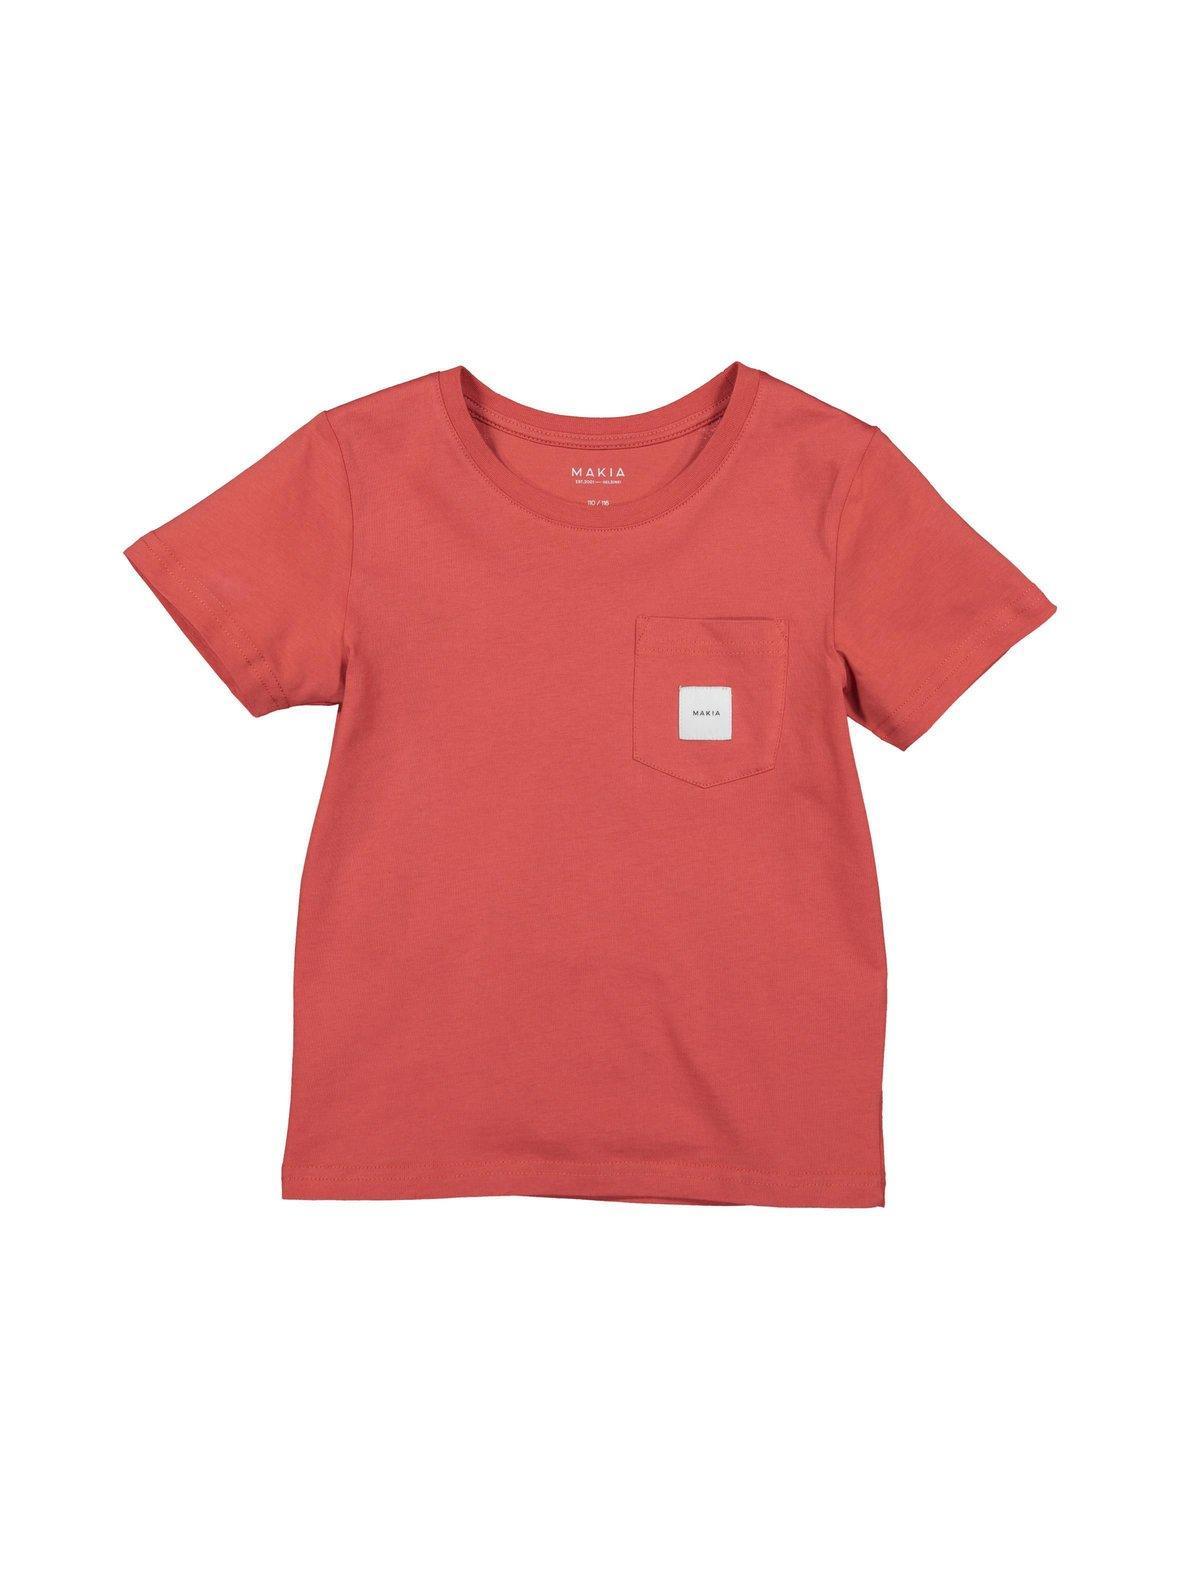 Pocket-paita, Makia